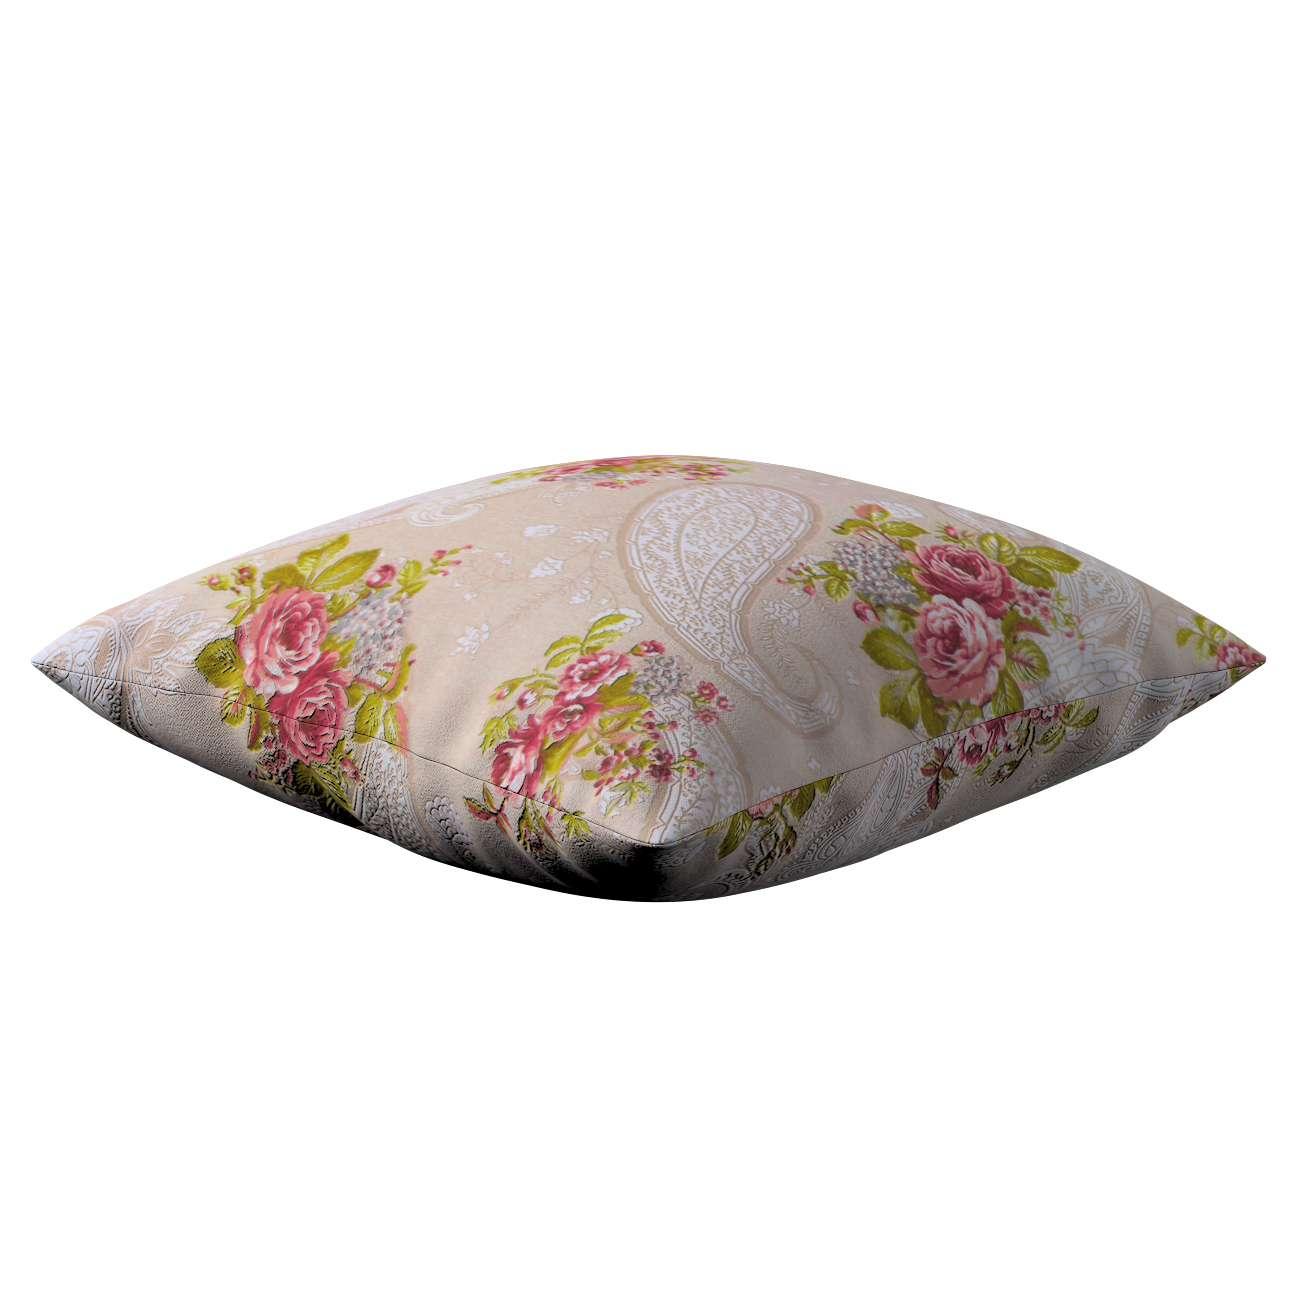 Kinga dekoratyvinės pagalvėlės užvalkalas 43 x 43 cm kolekcijoje Flowers, audinys: 311-15